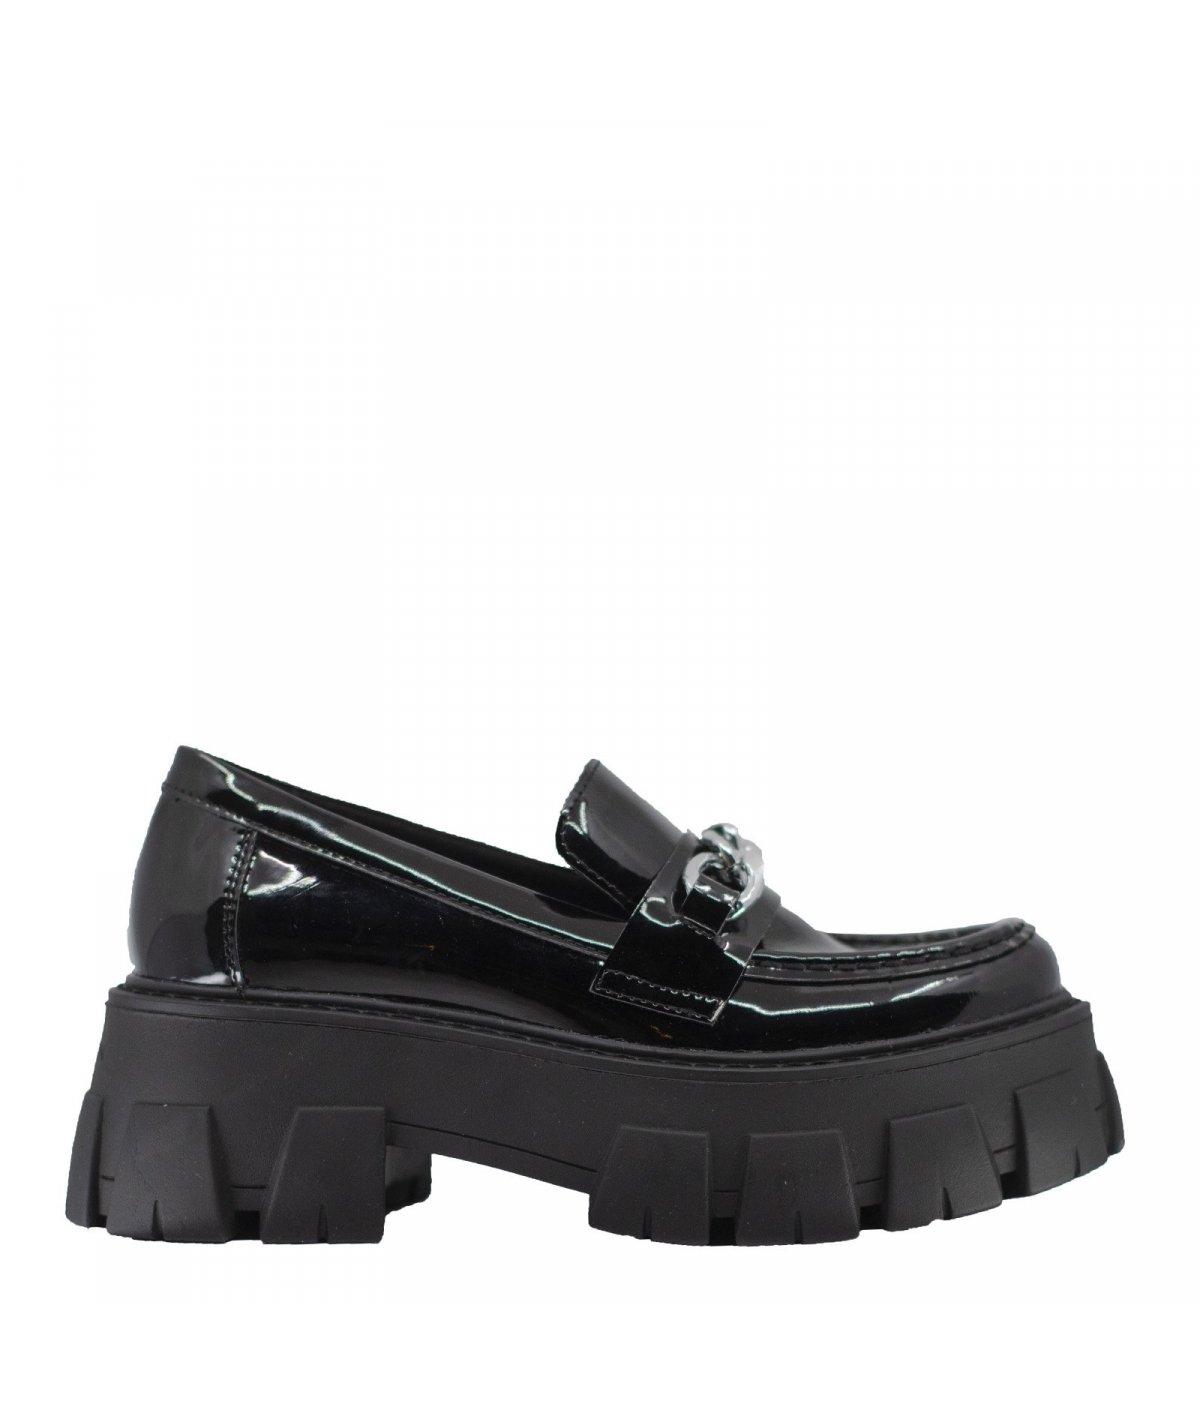 Zapaton Mujer 301 Charol